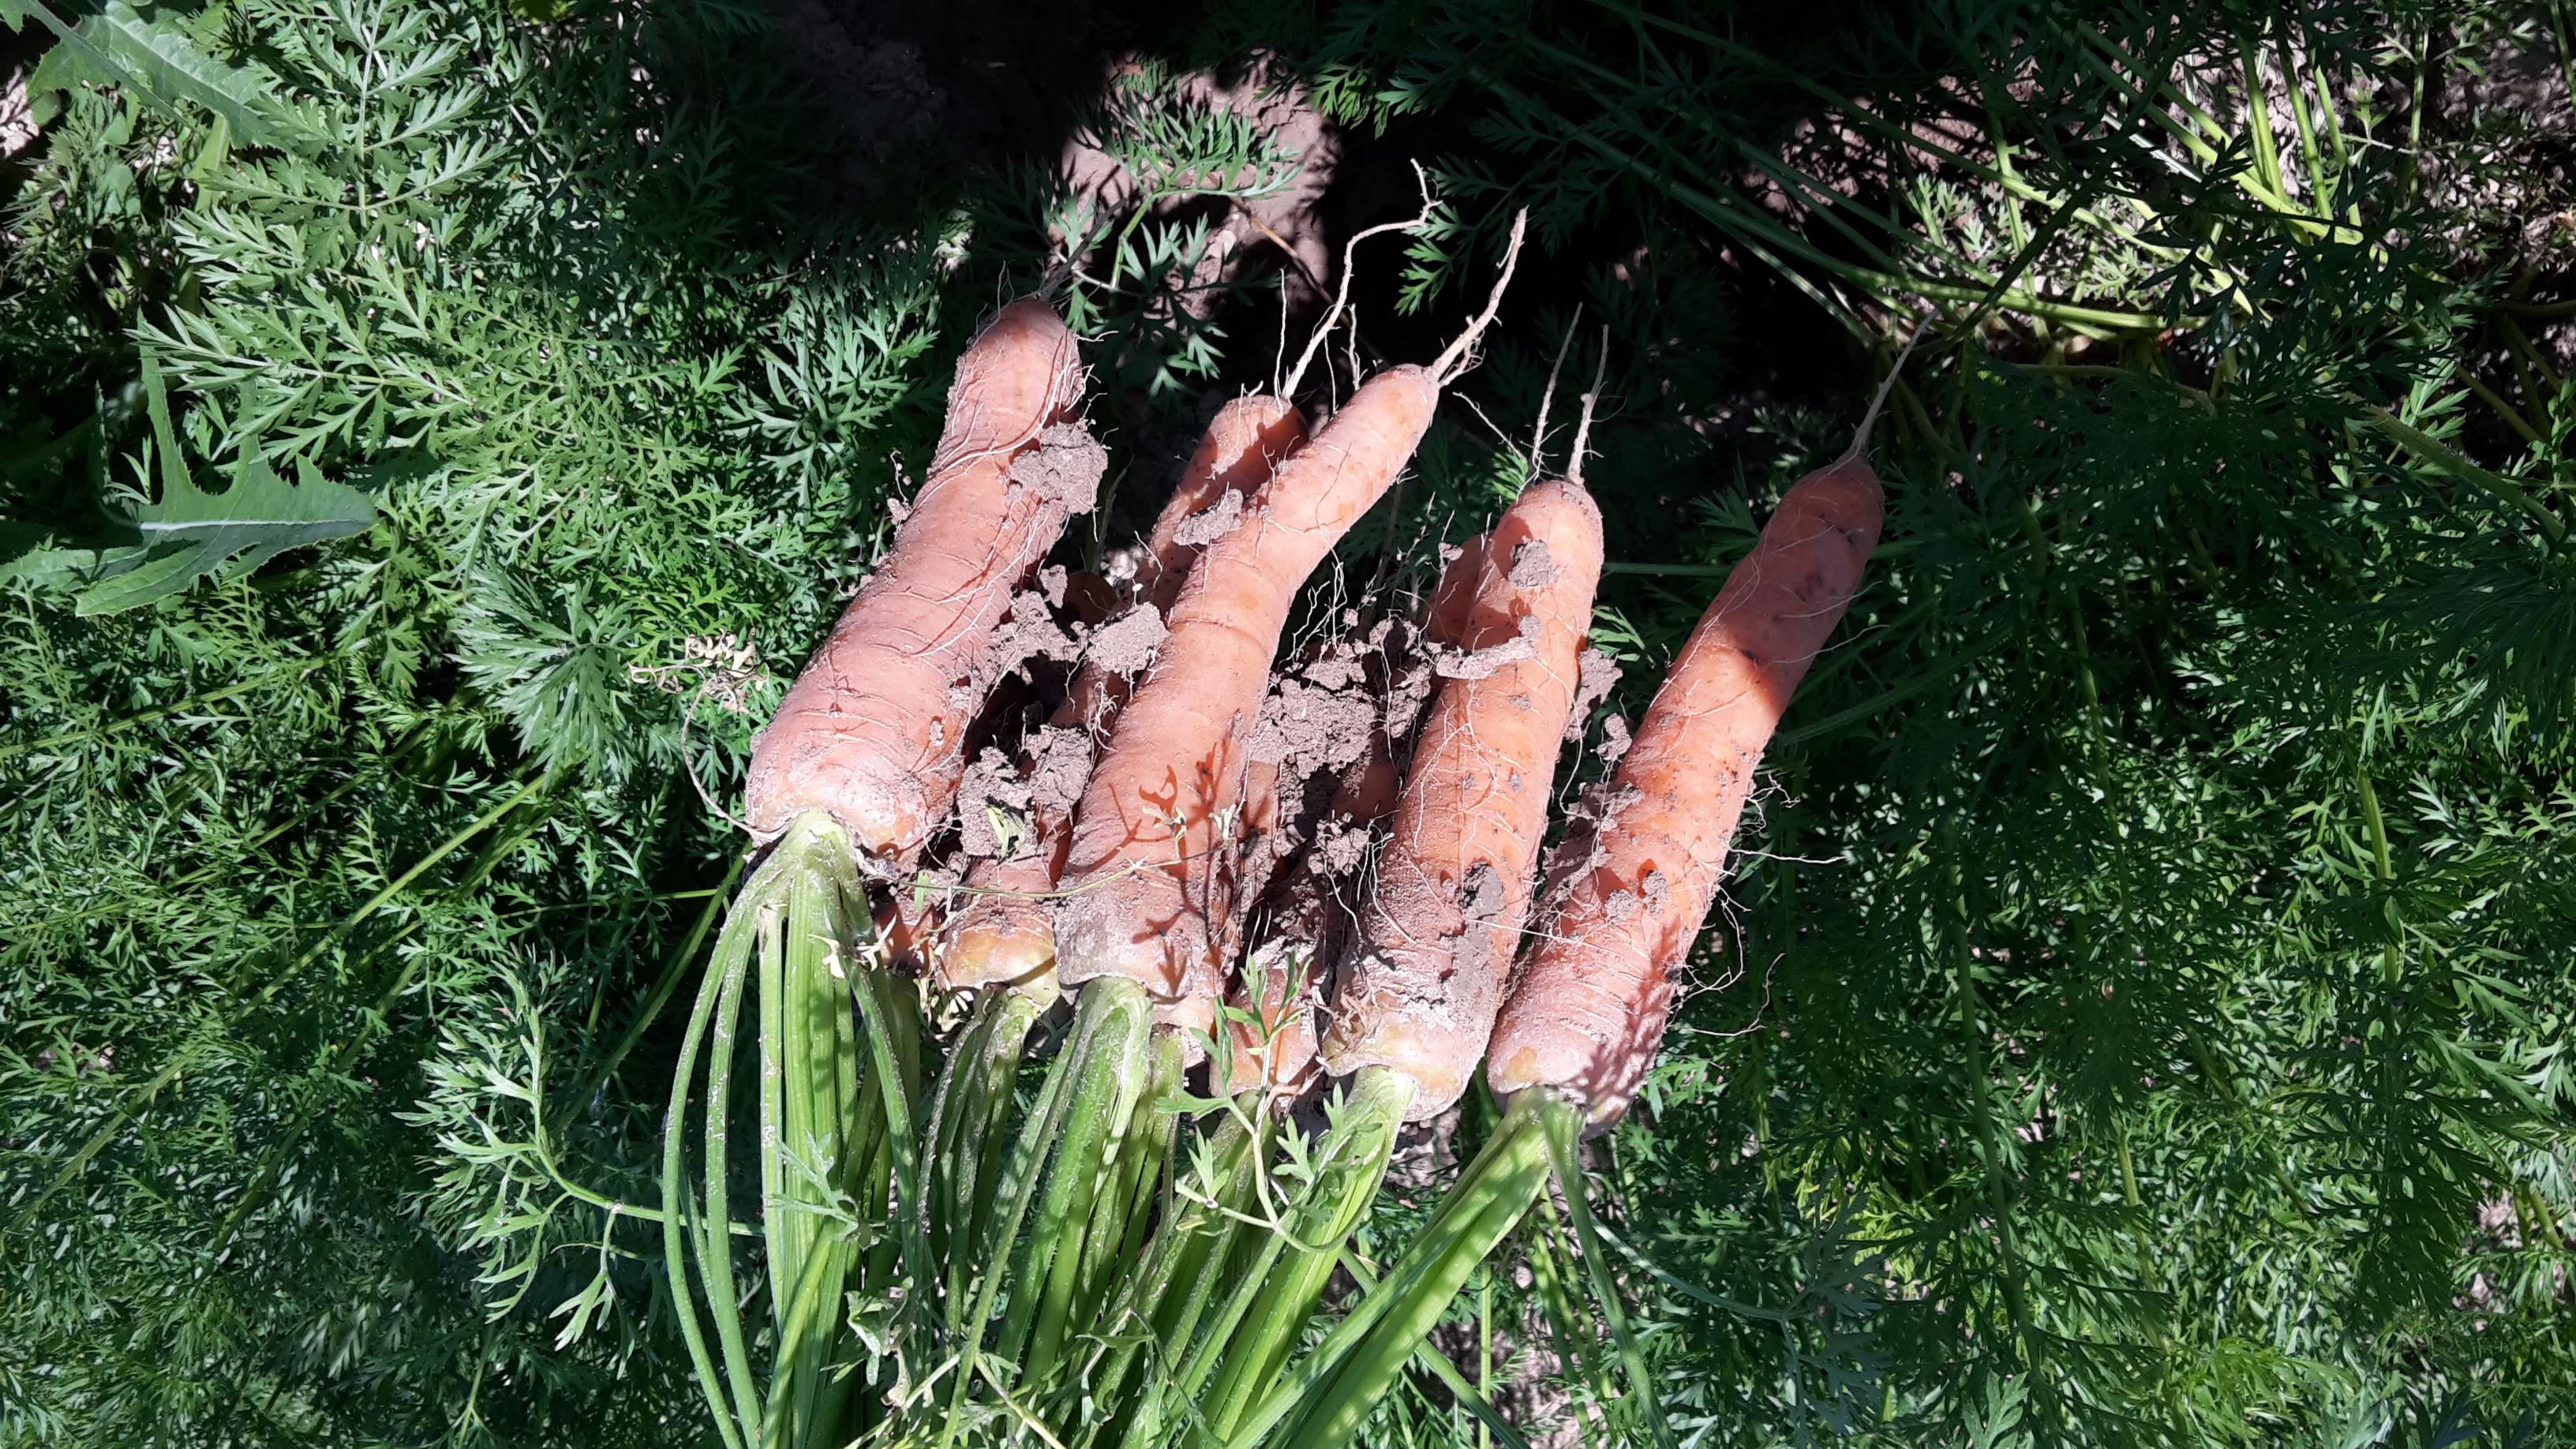 Wie die Karotten aus dem Boden zu kriegen sind, war heuer die Frage. Ein Bild aus «trockeneren» Sommertagen.